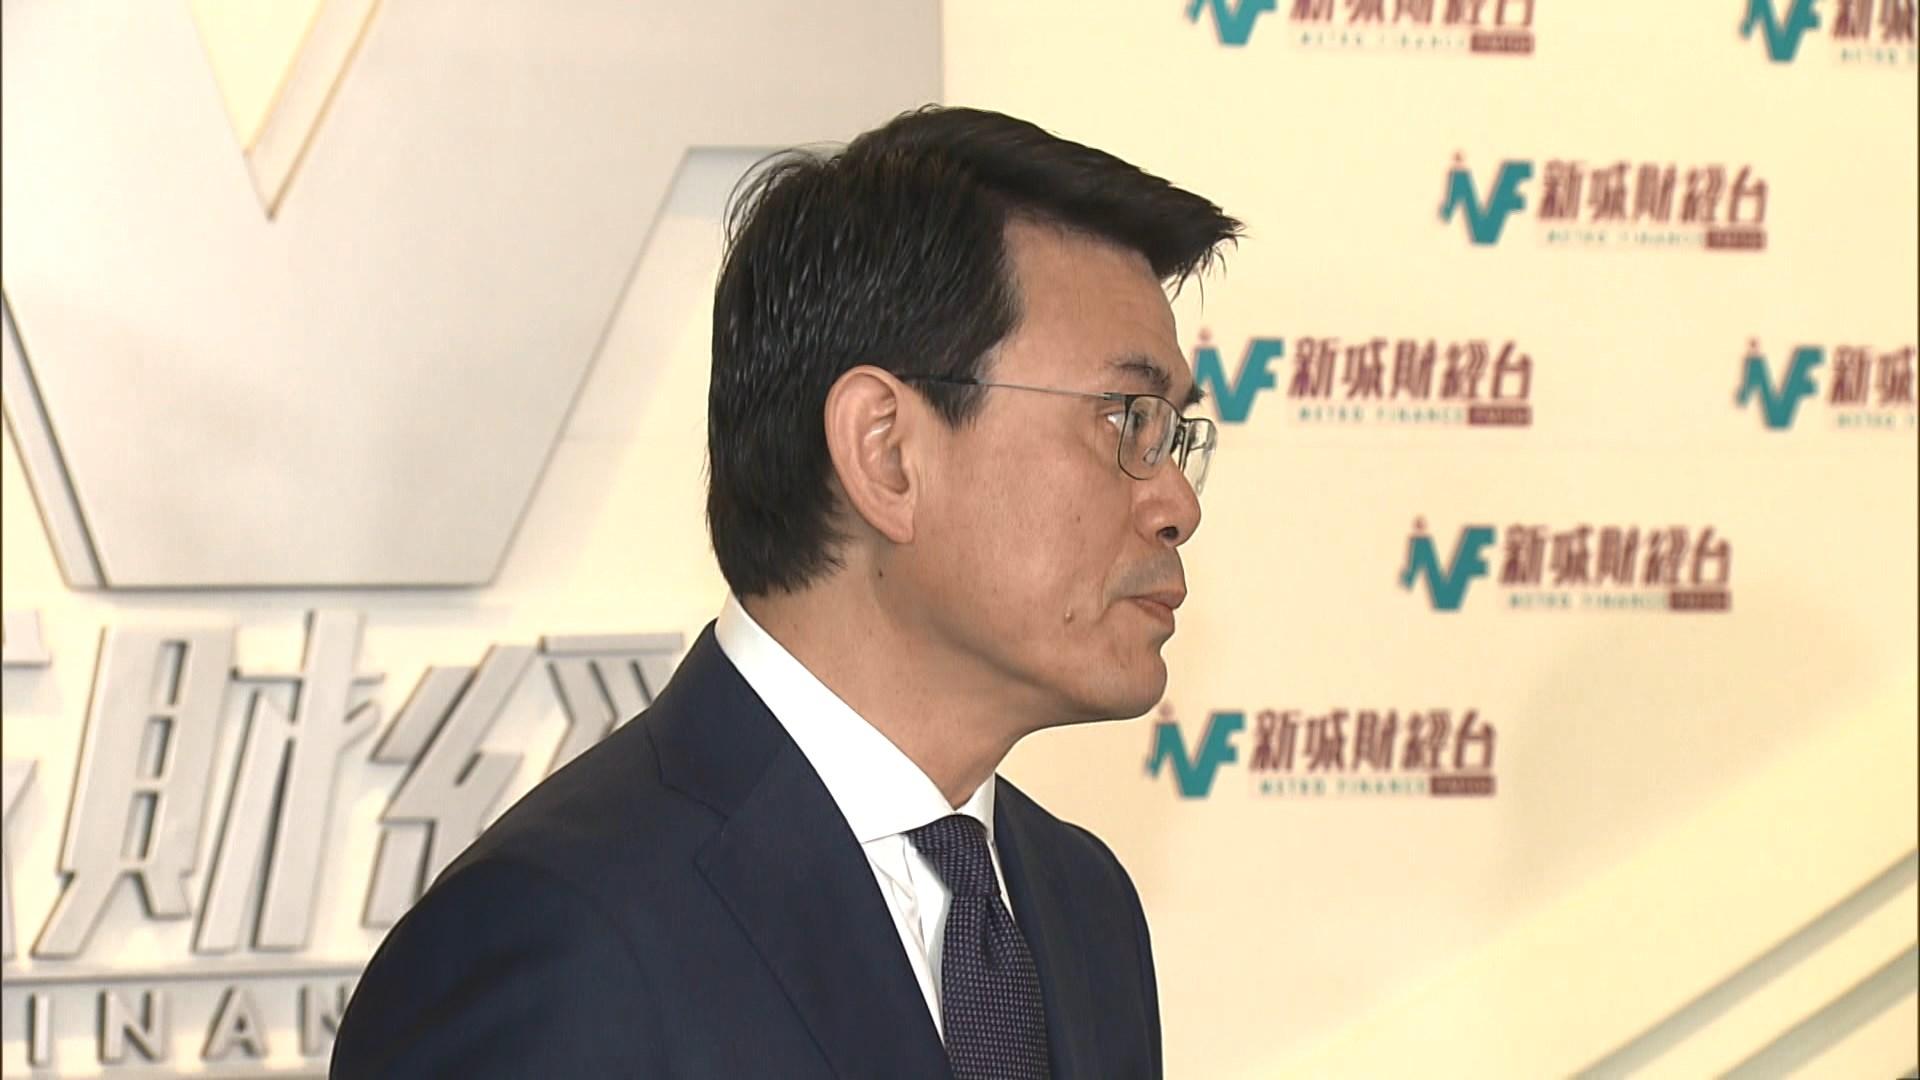 邱騰華:盼社會給予空間讓政府繼續做好工作